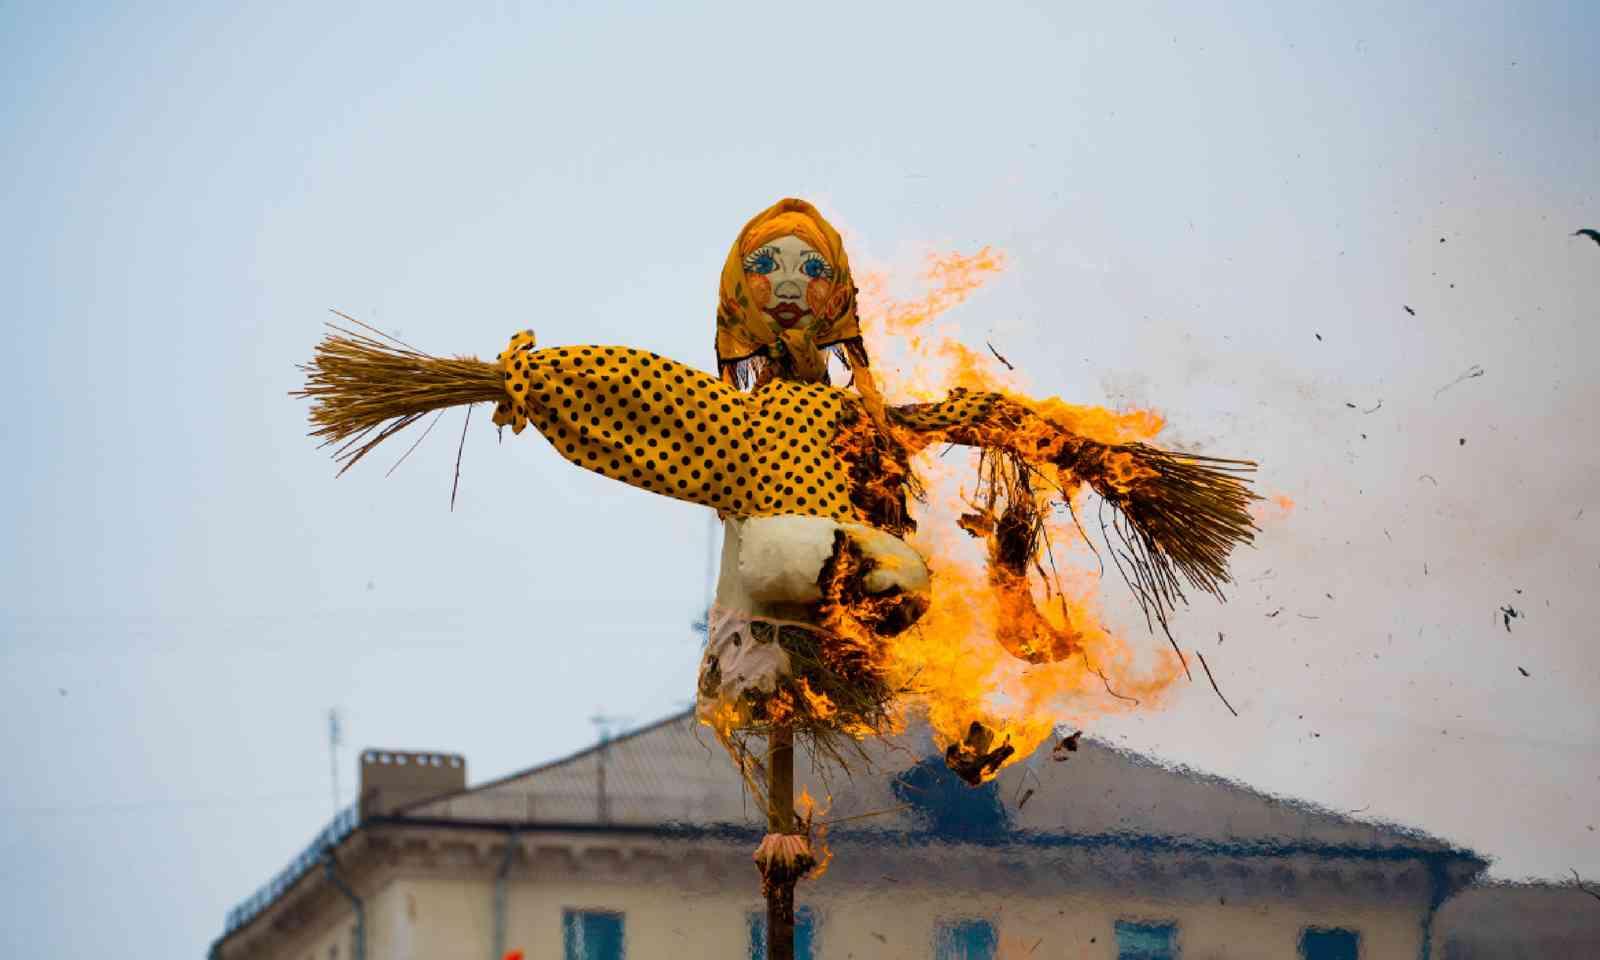 Burning effigy (Shutterstock)